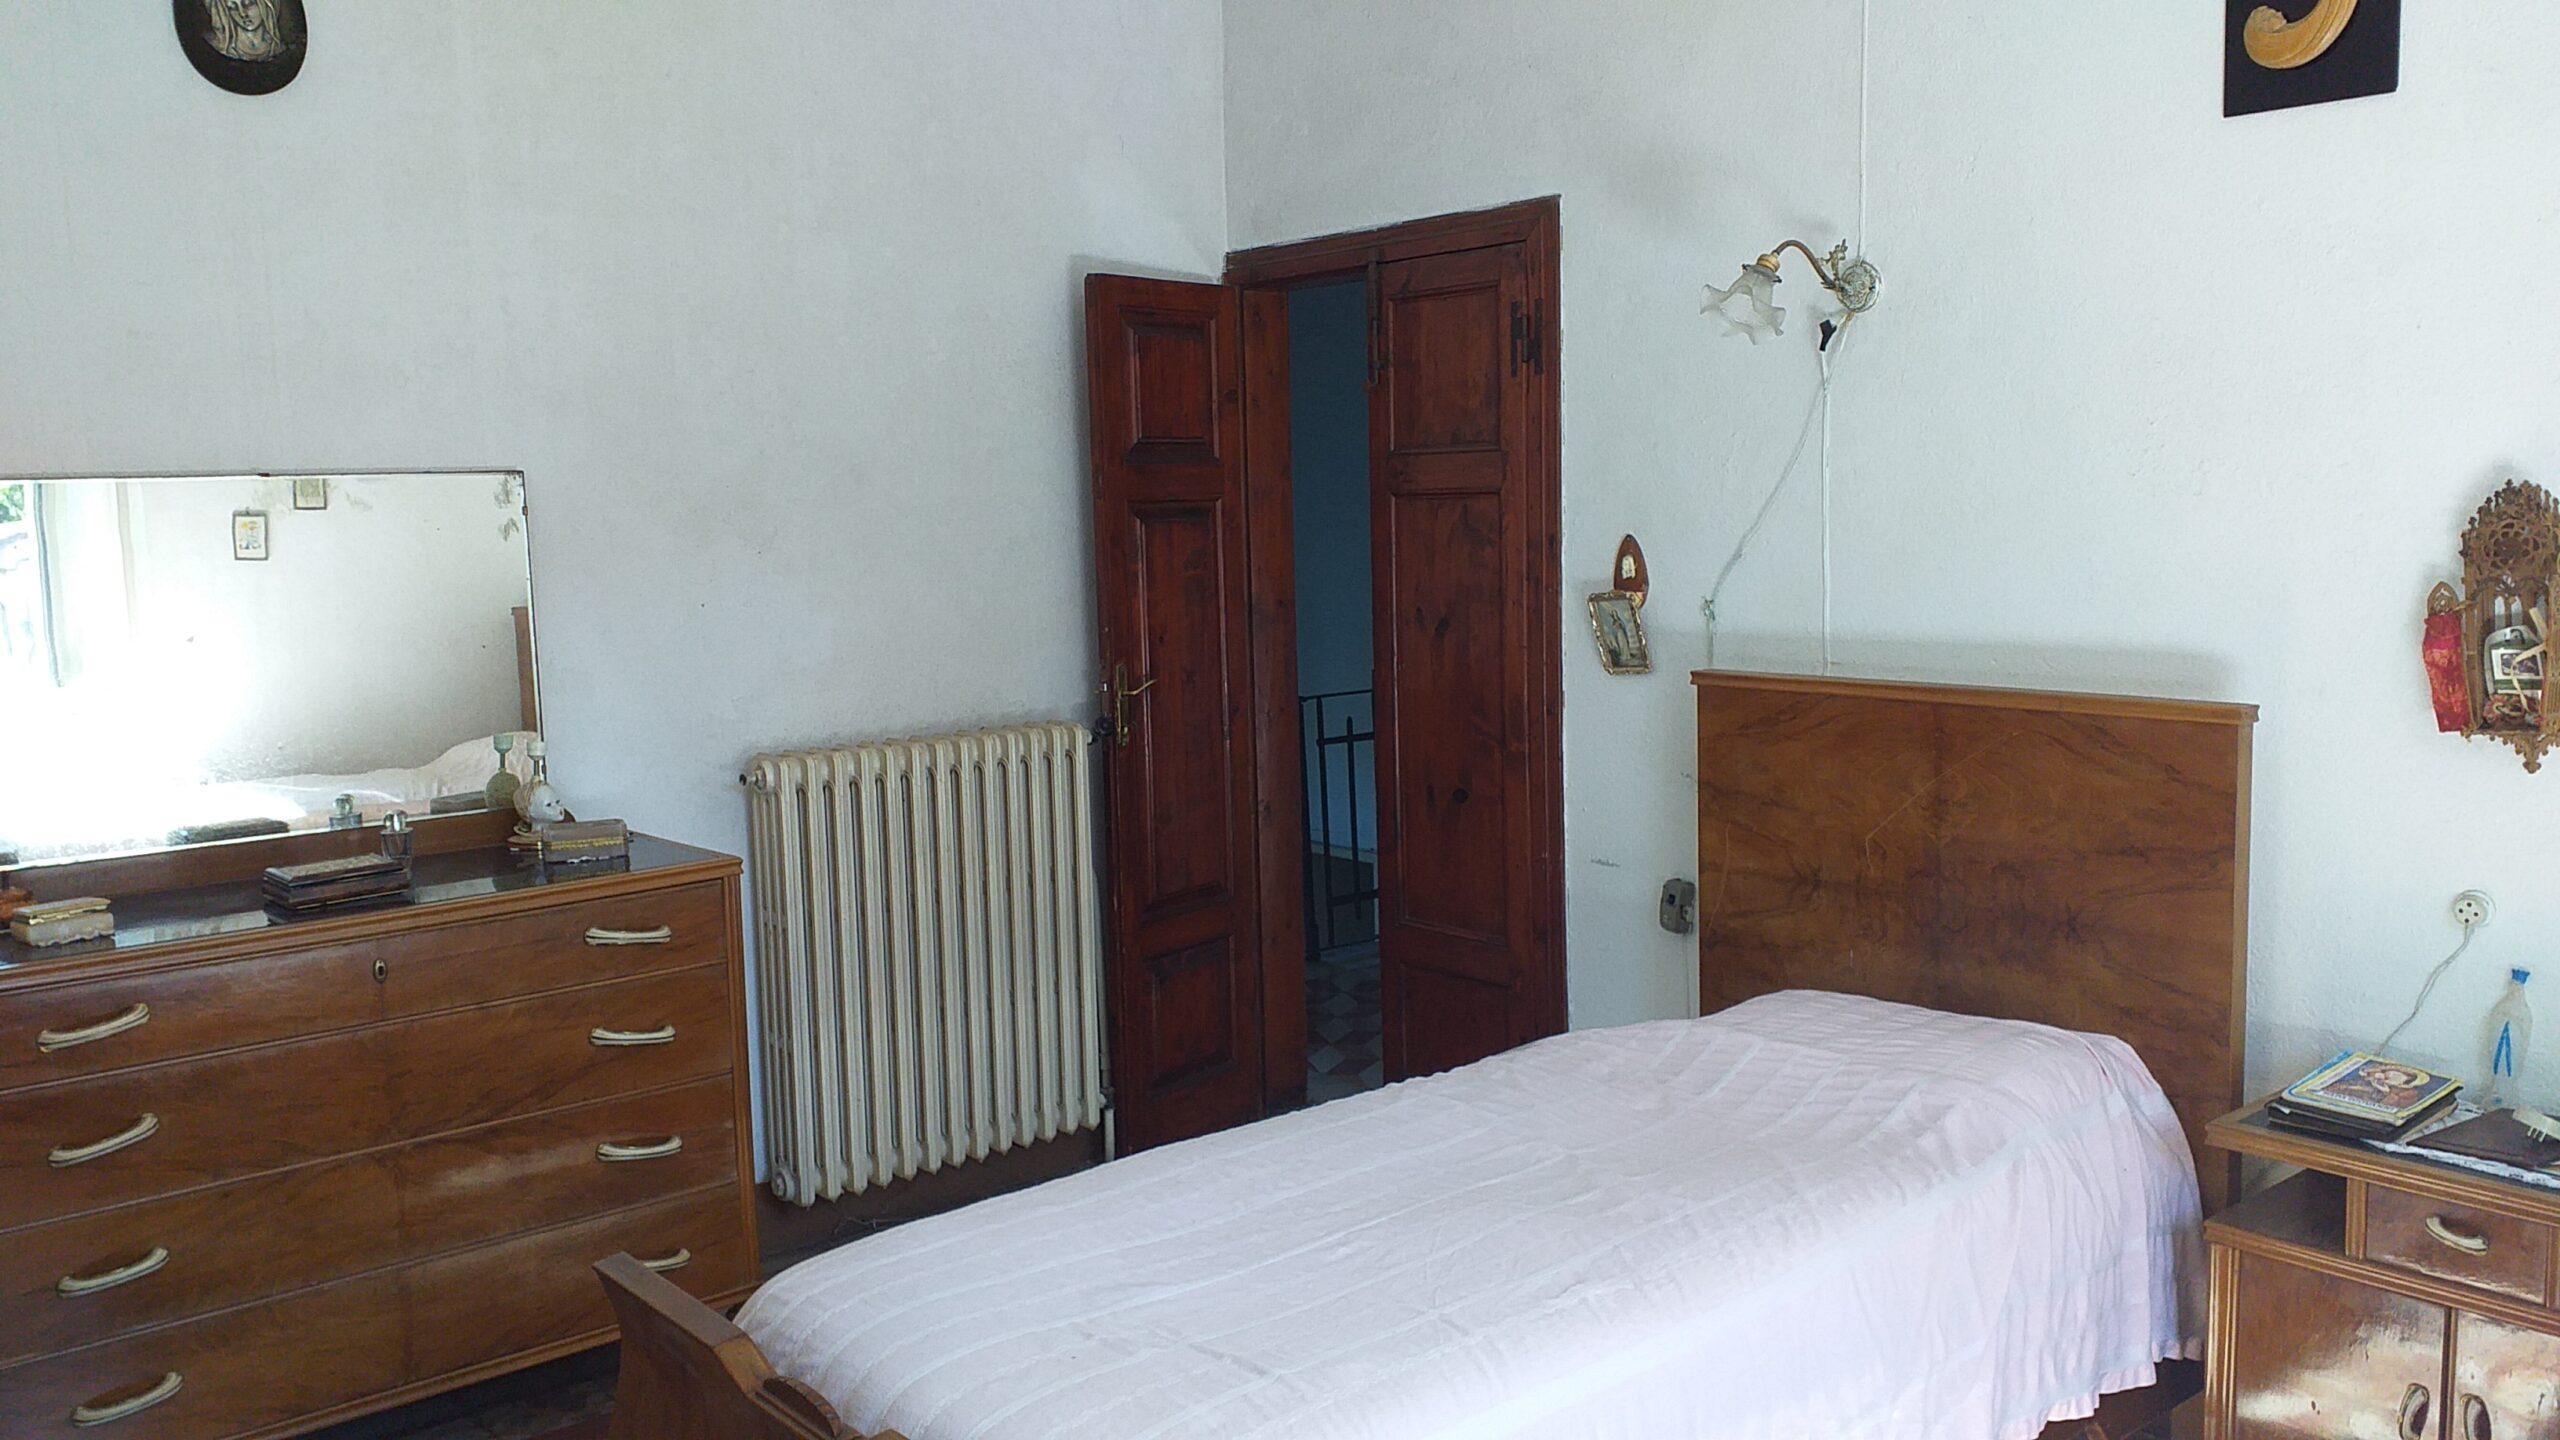 Casa stile liberty con giardino, occasione in Toscana . Lunigiana. ref. 2332